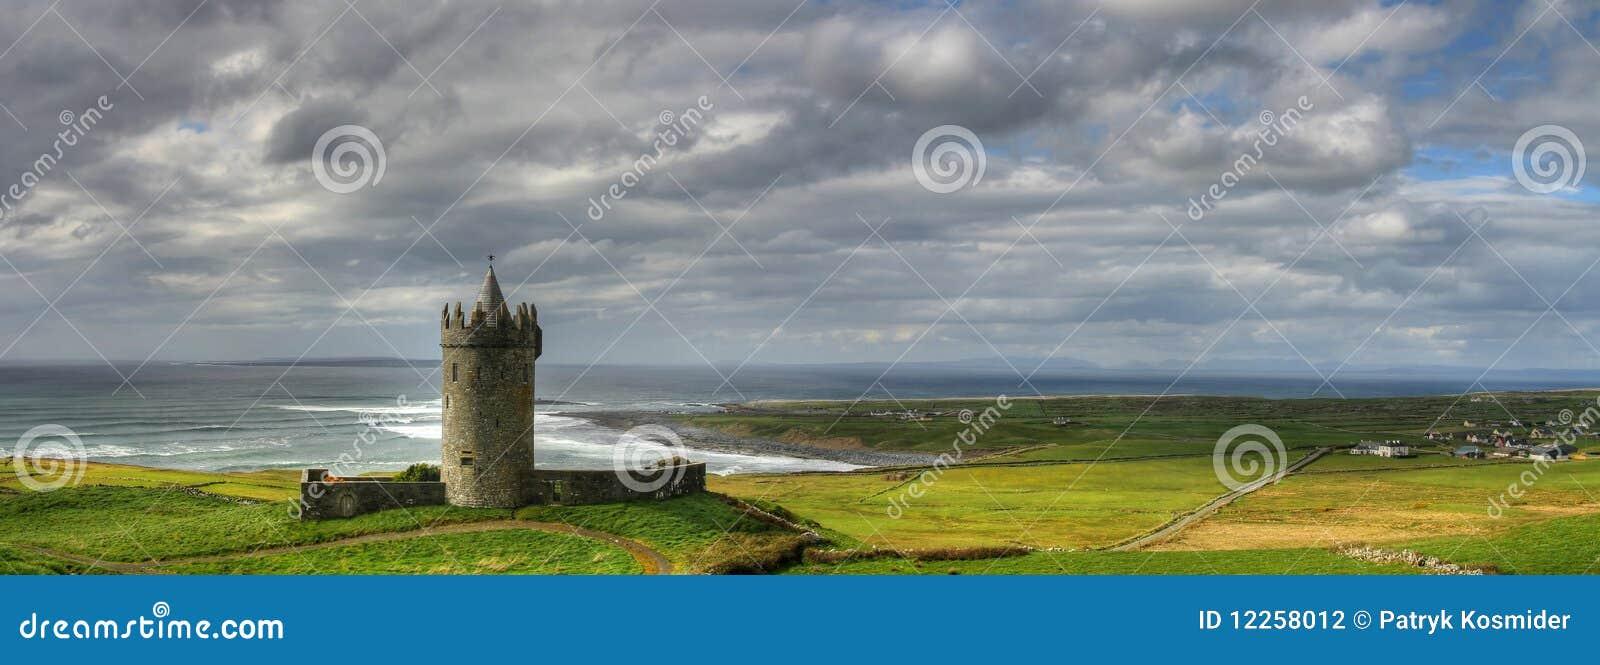 城堡爱尔兰语